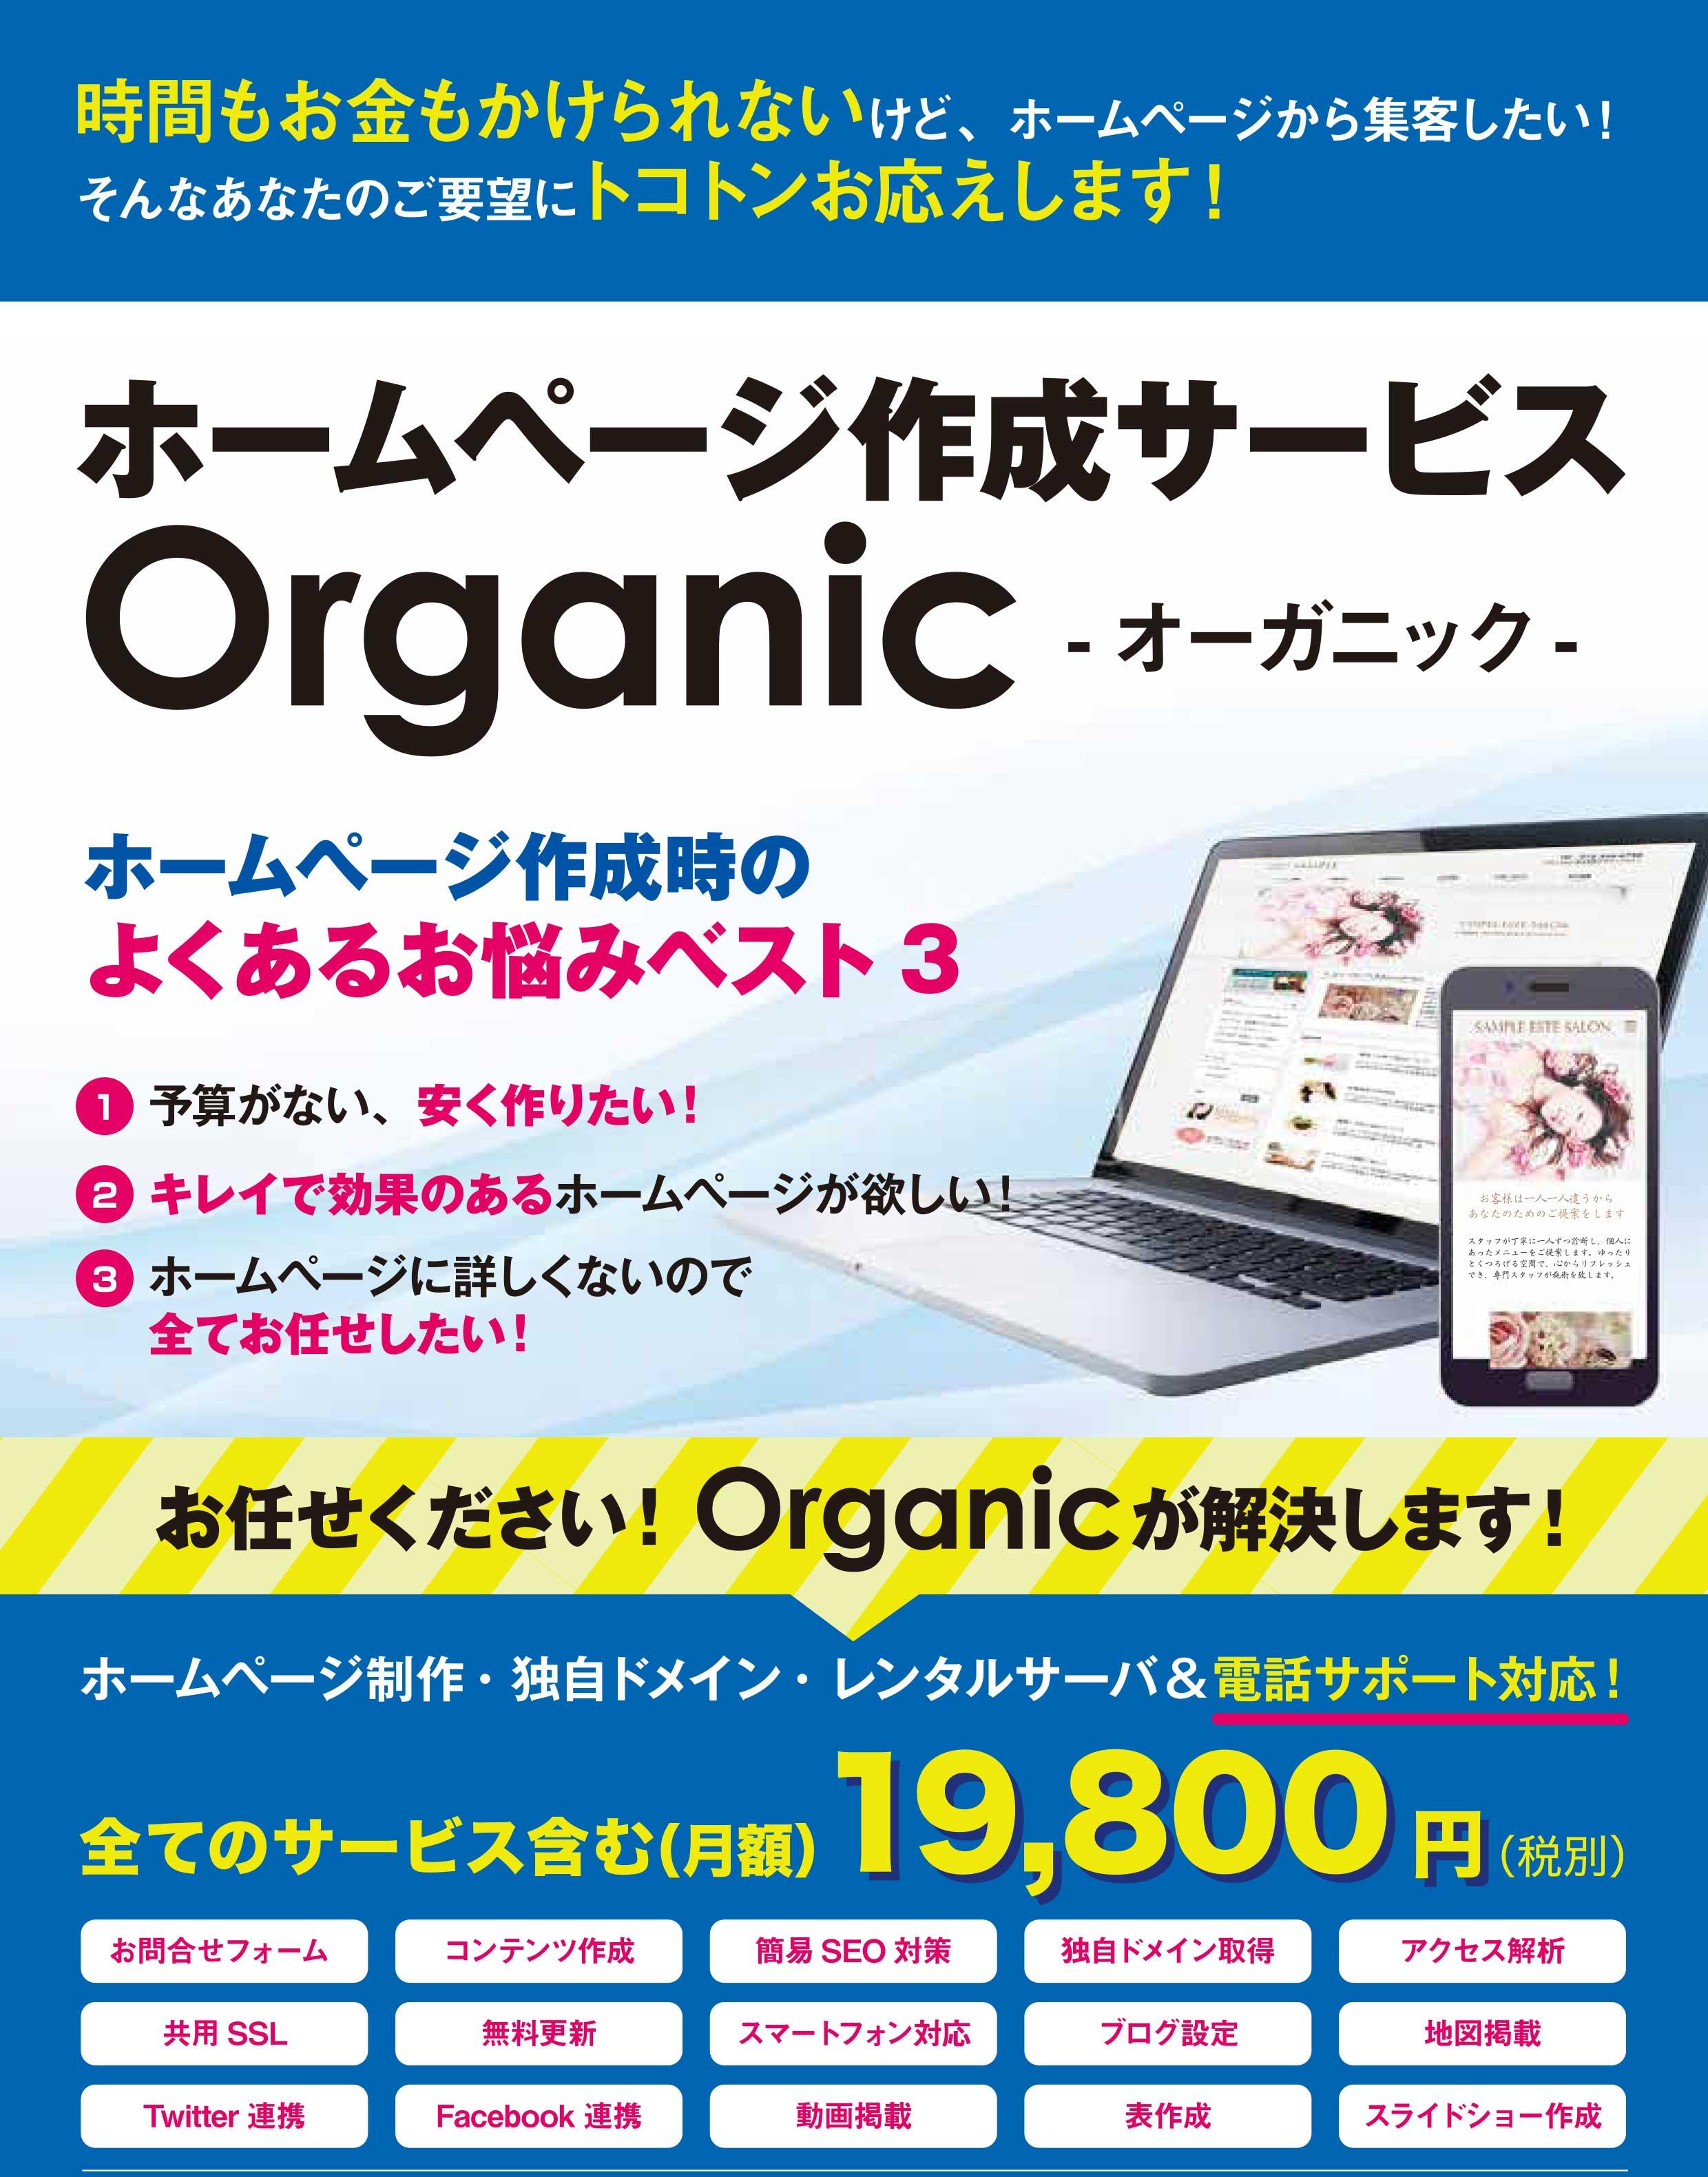 ORGANI オーガニック ホームページ制作